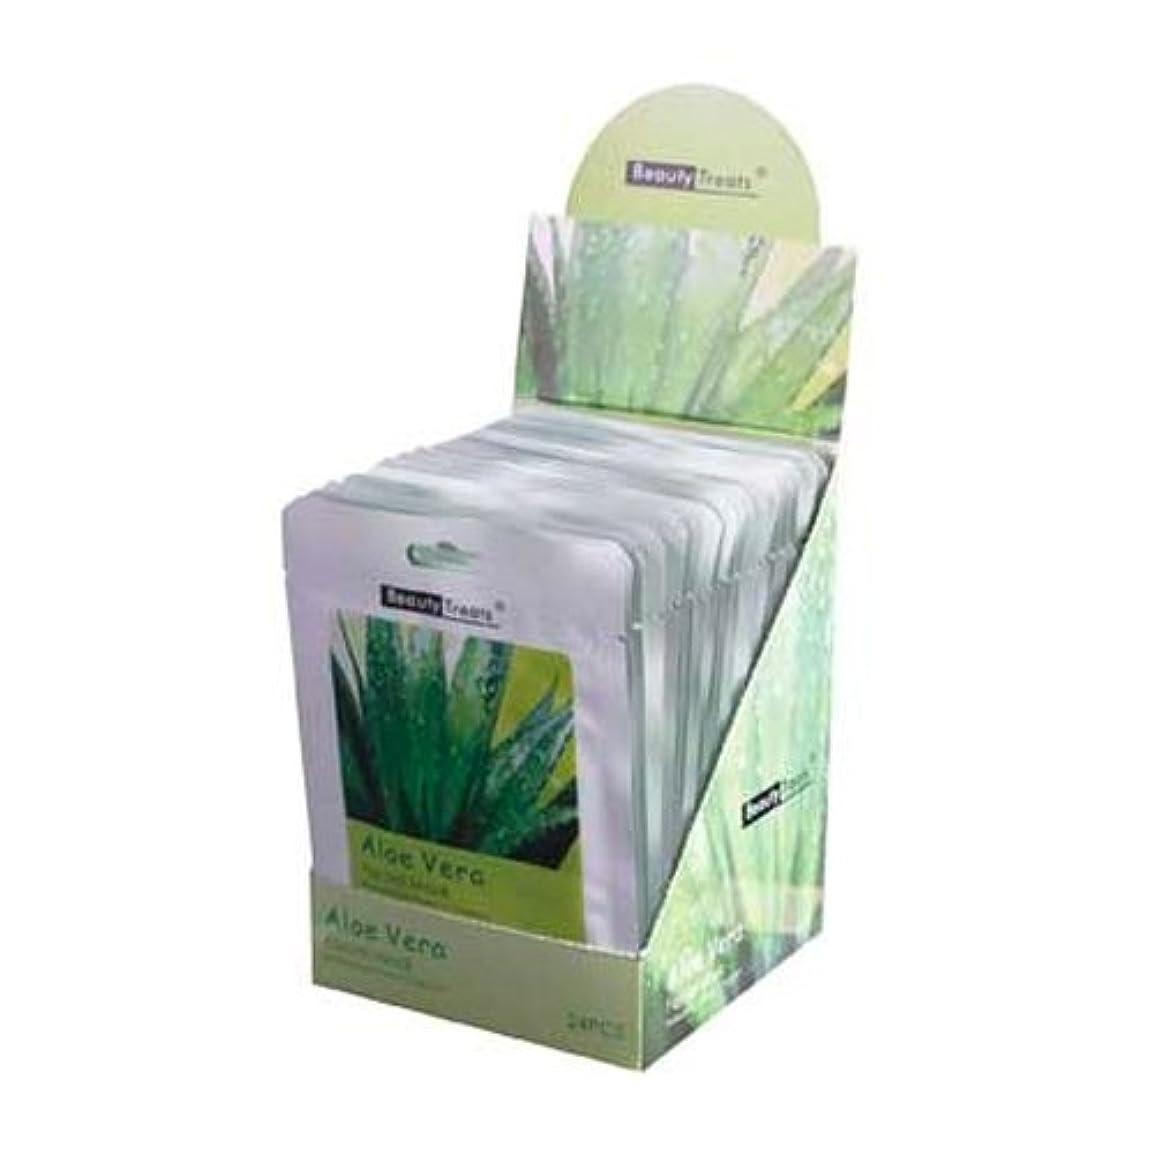 とにかく歯痛夜明けBEAUTY TREATS Facial Mask Refreshing Vitamin C Solution - Aloe Vera - Display Box 24 Pieces (並行輸入品)